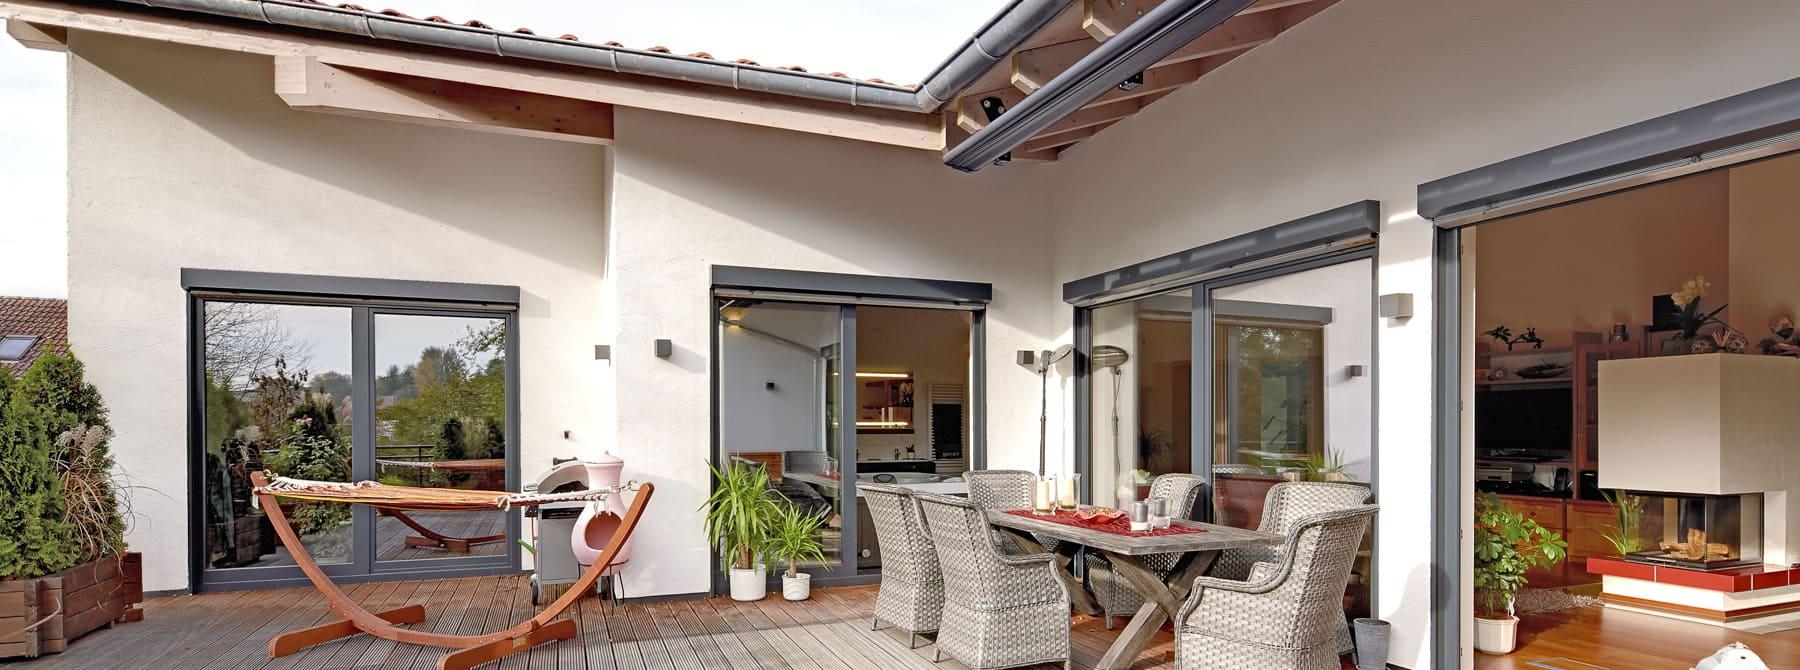 Bungalow Am Hang Bauen: Kundenhaus Langmeyer